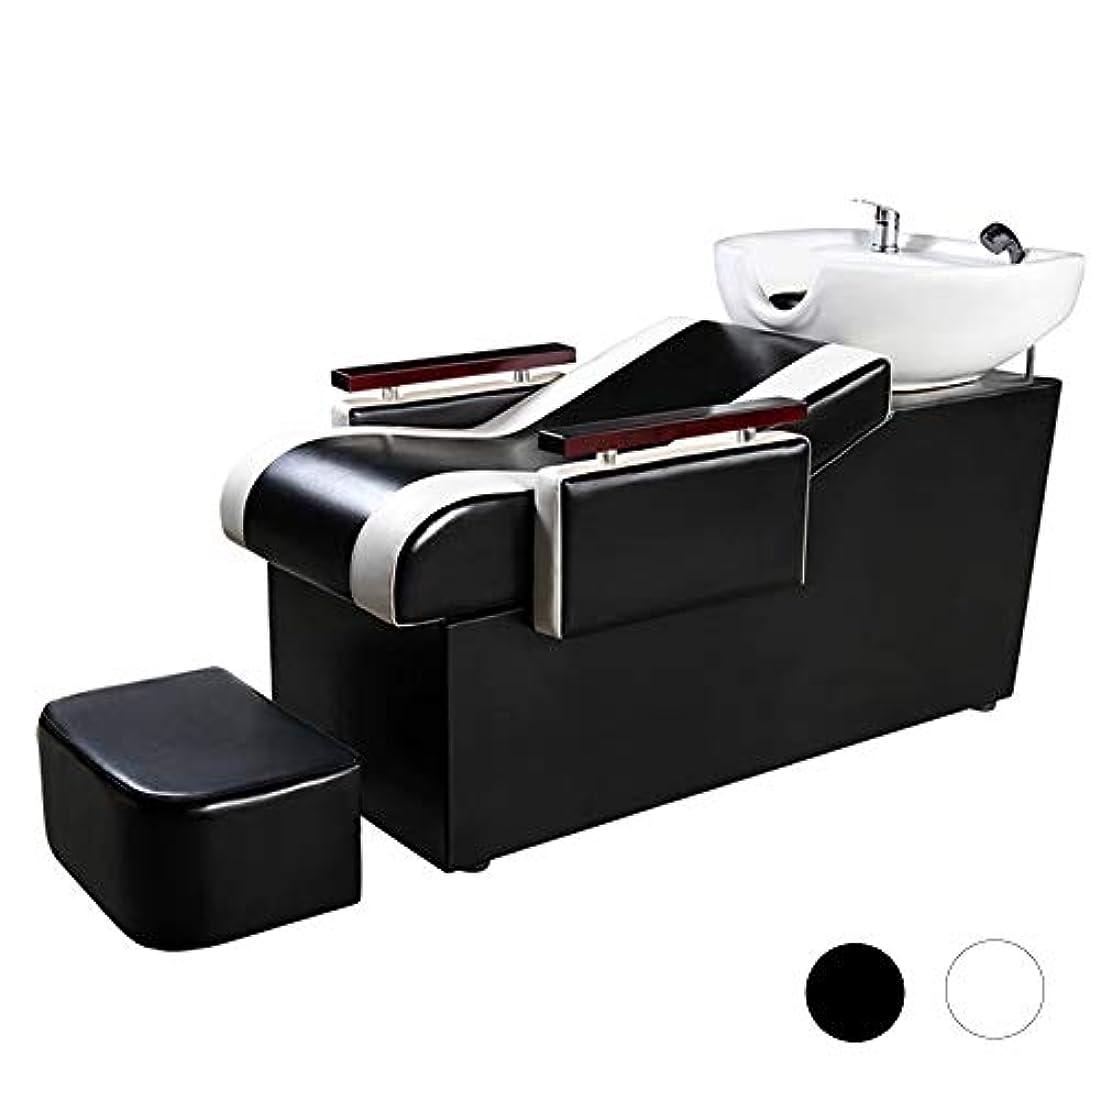 枢機卿フォージ再編成するシャンプーチェア、スパ用美容院設備用シャンプーボウル理髪シンクチェアシャンプーベッド(ブラック)